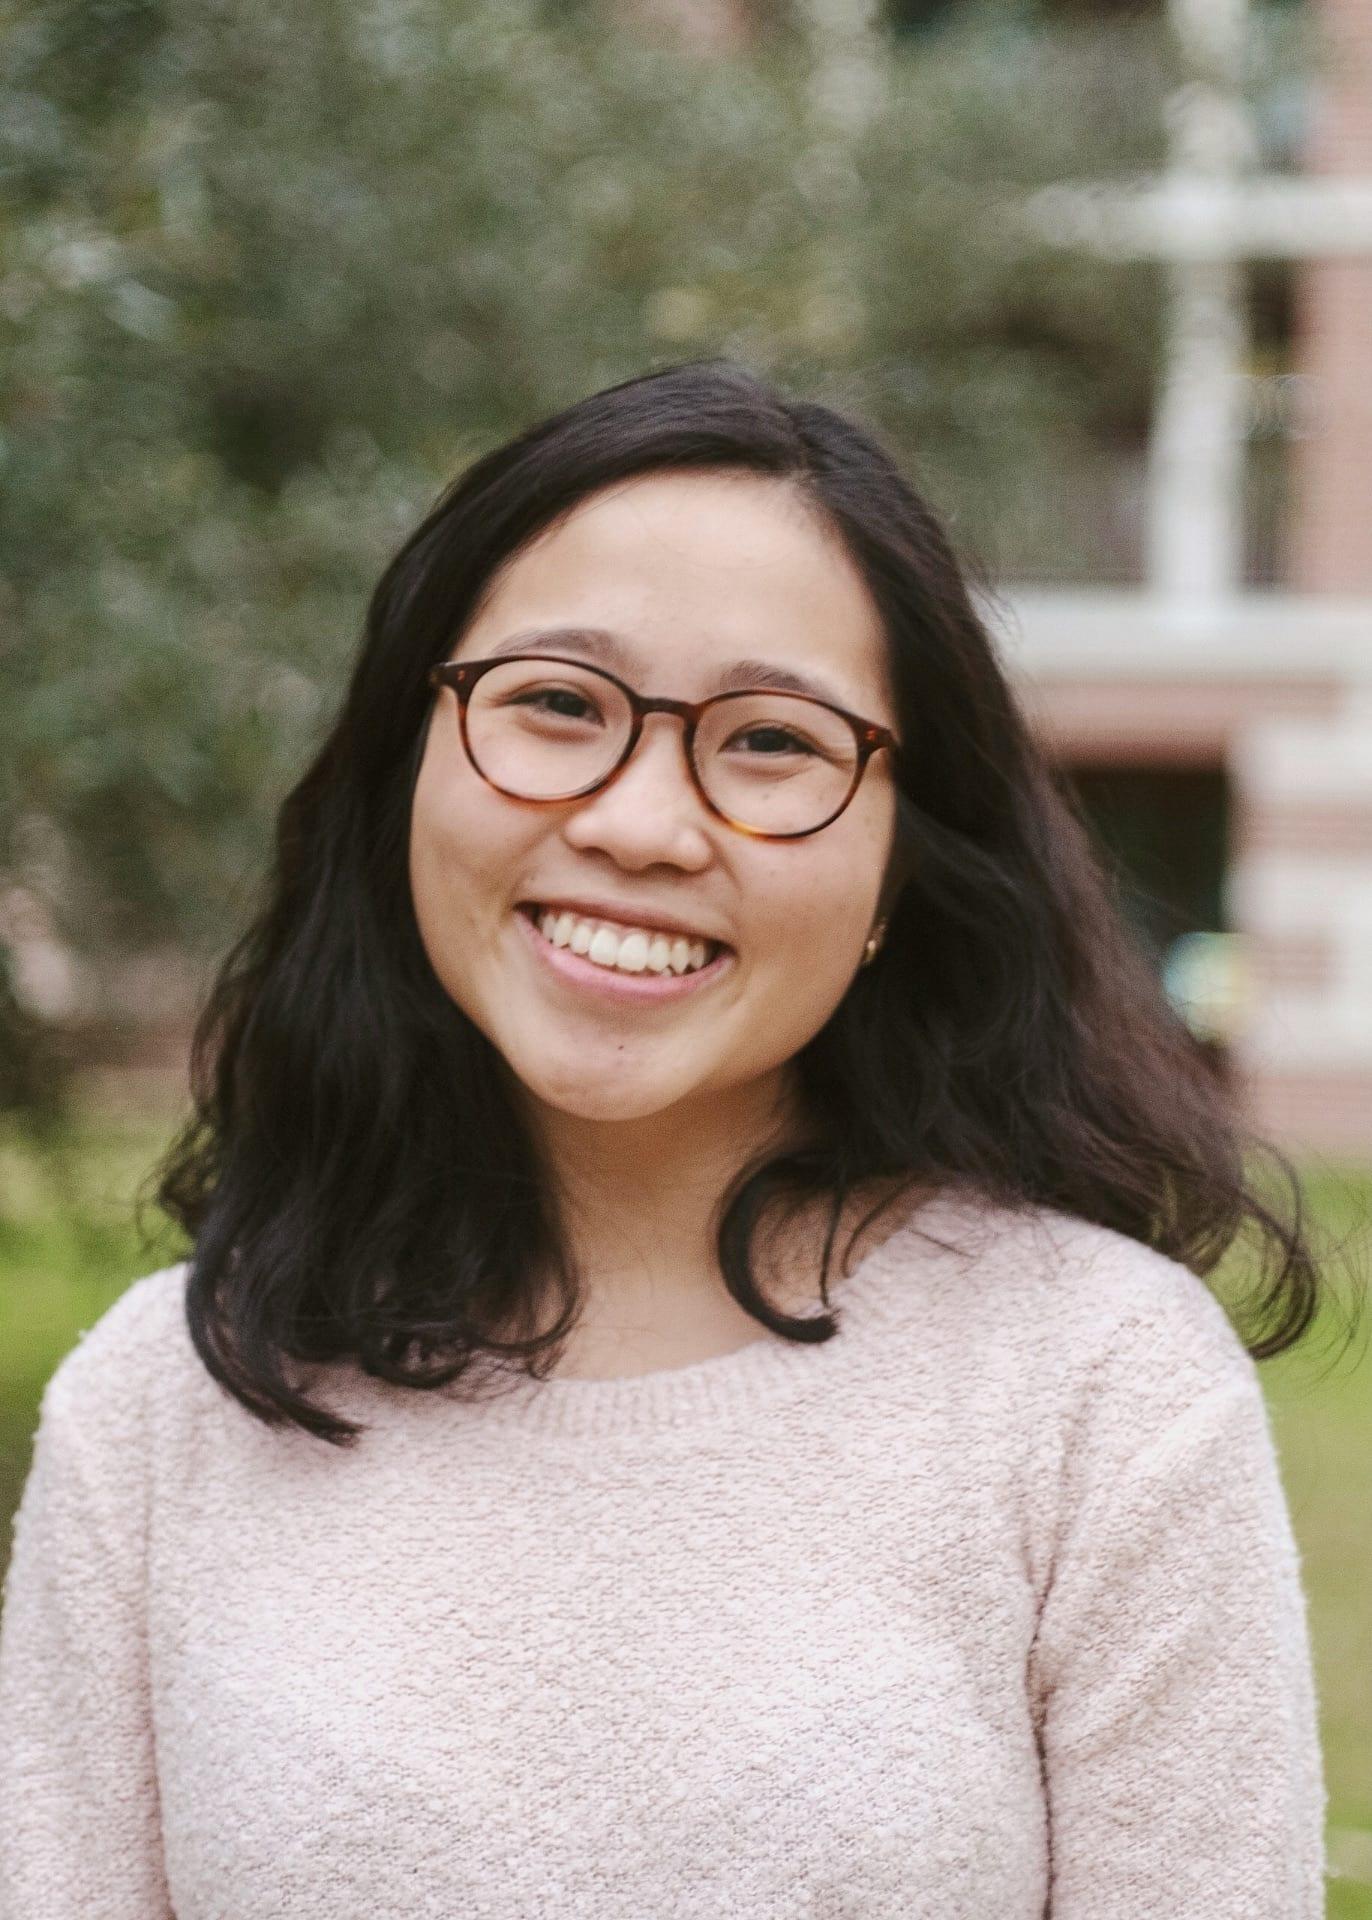 Mandy Quan